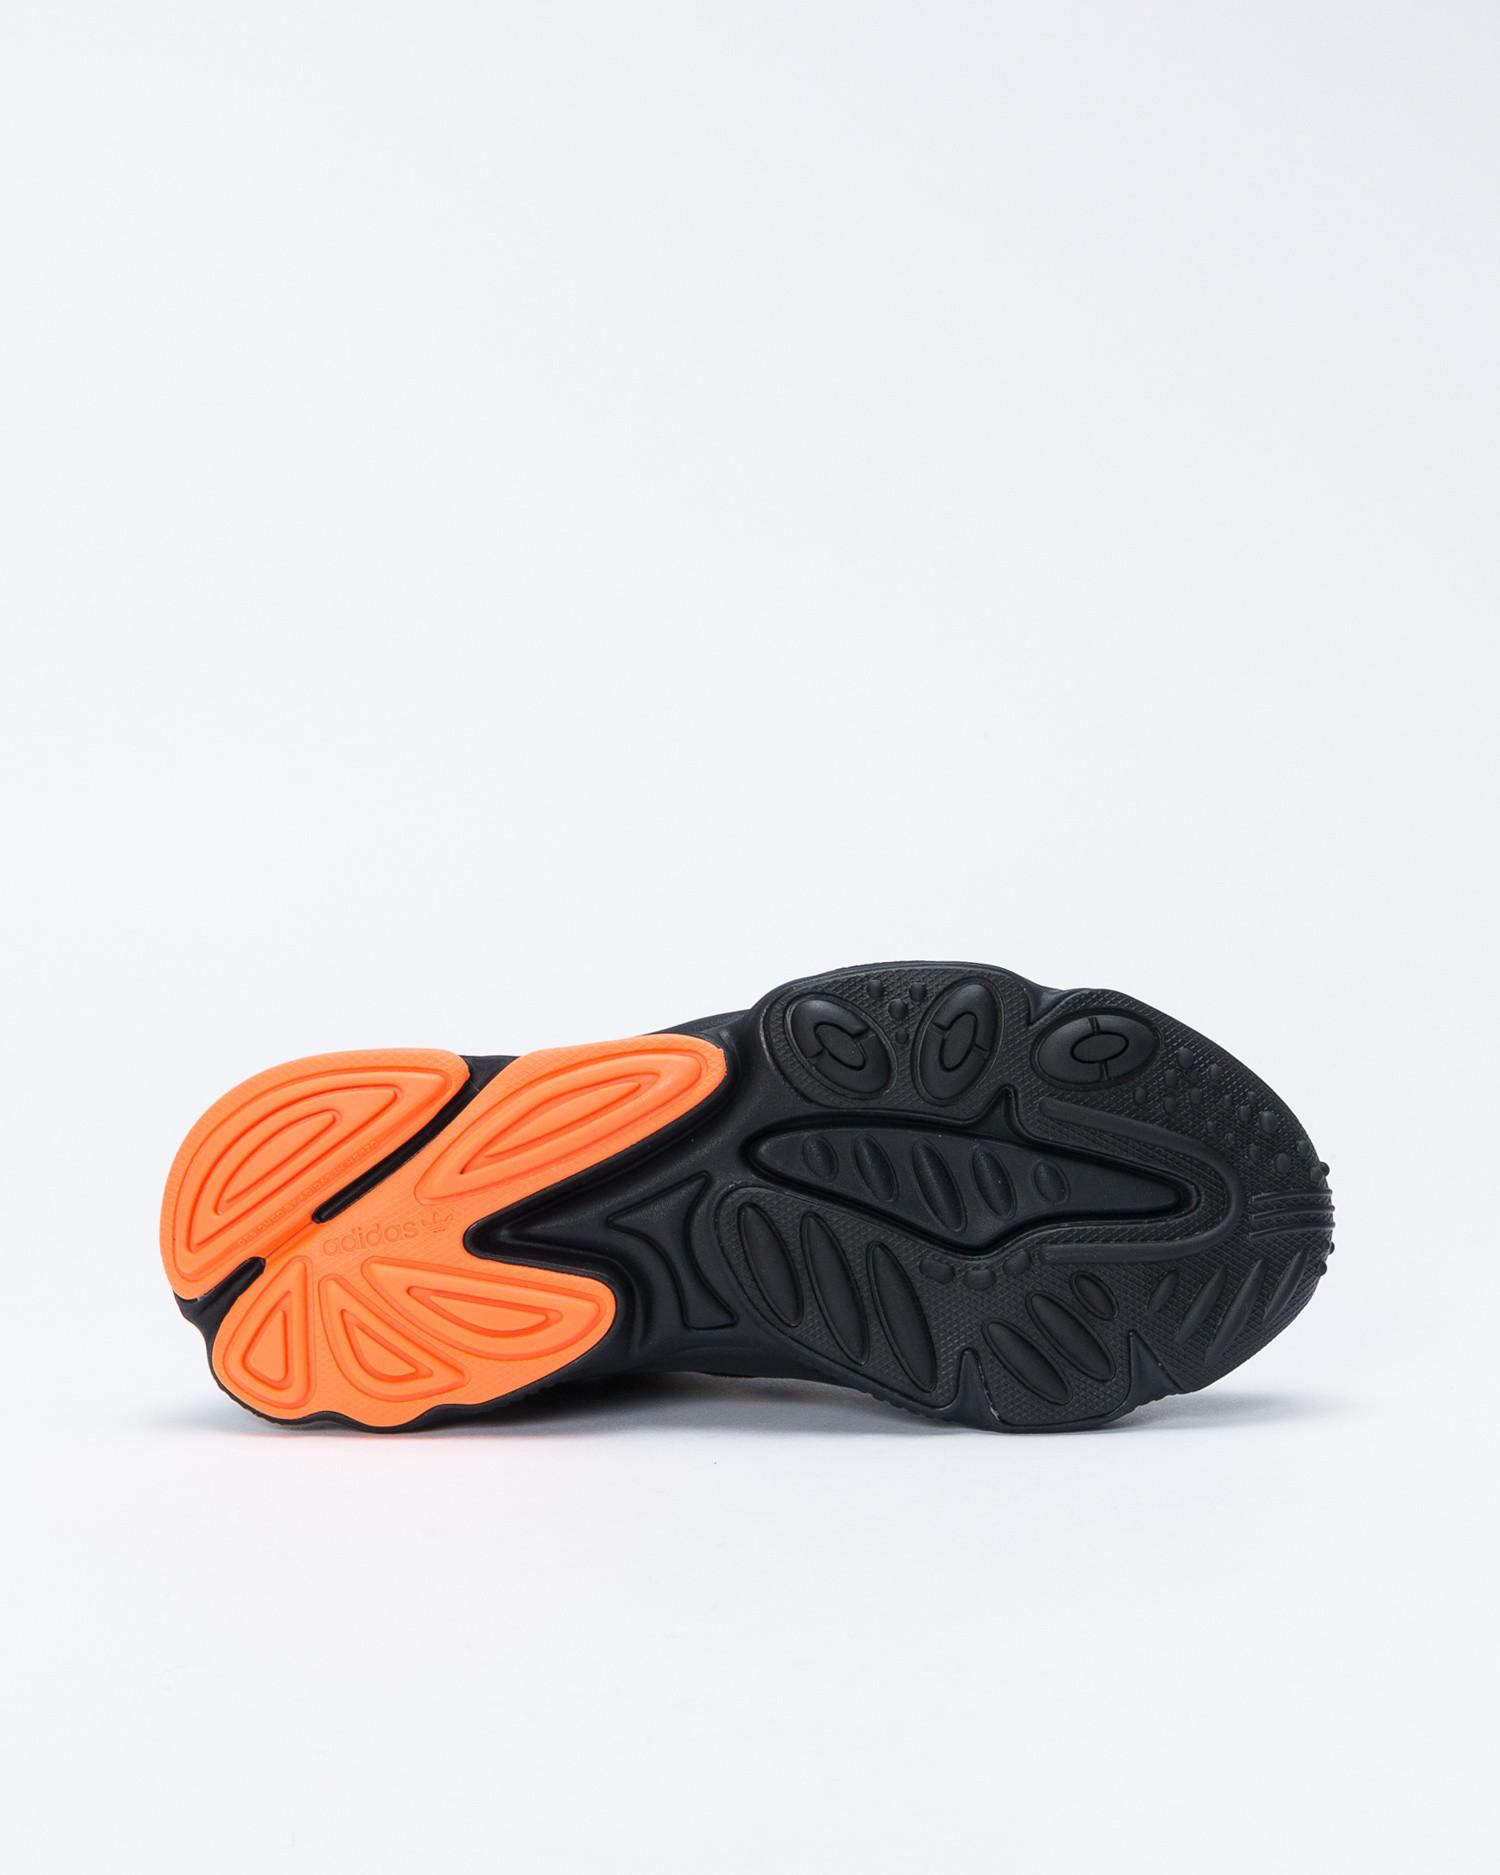 adidas Ozweego cblack/sgreen/hireco